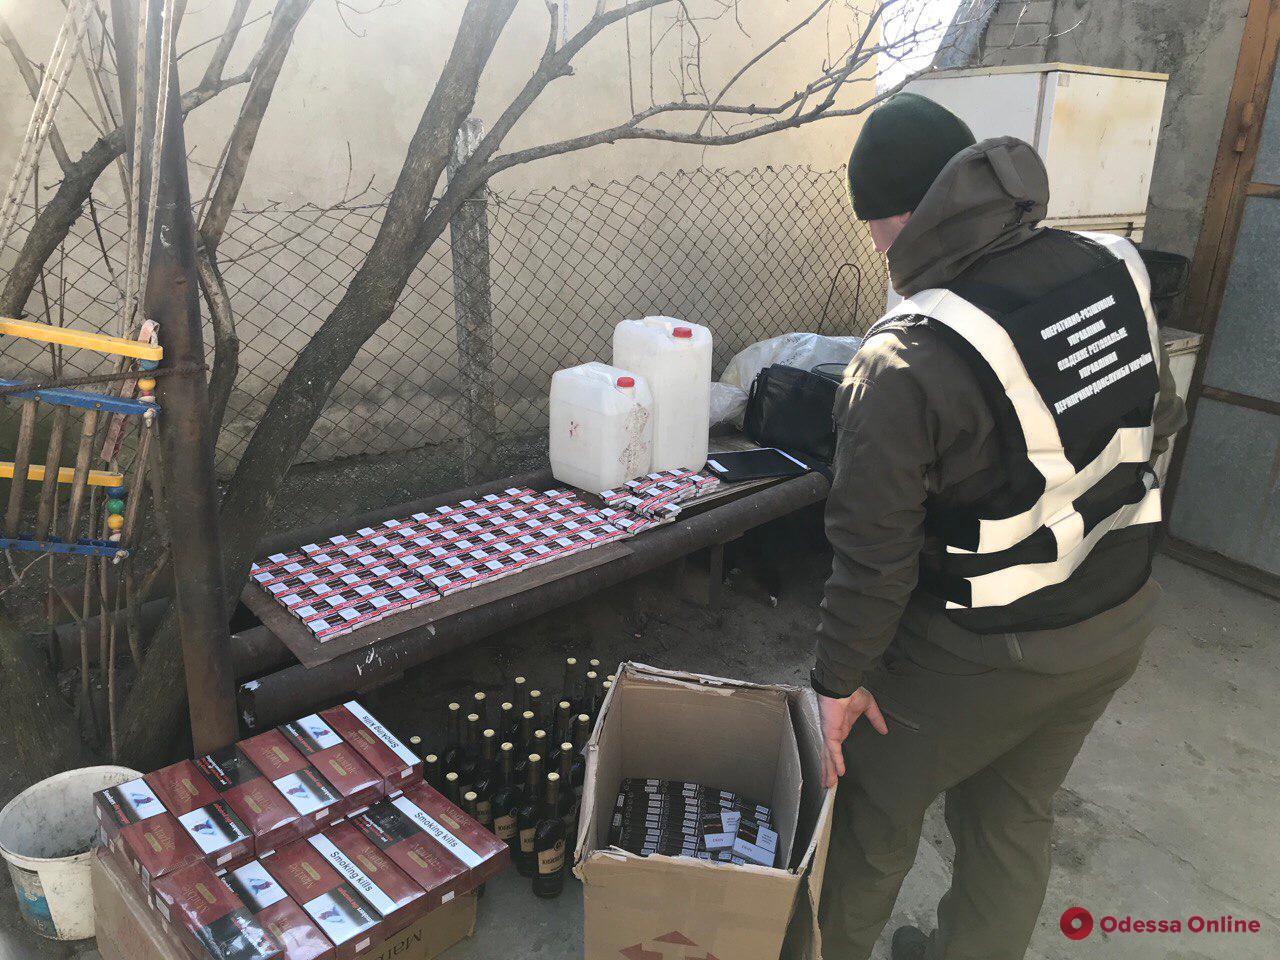 У жителей Одесской области нашли крупную партию нелегального алкоголя и сигарет (фото, видео)